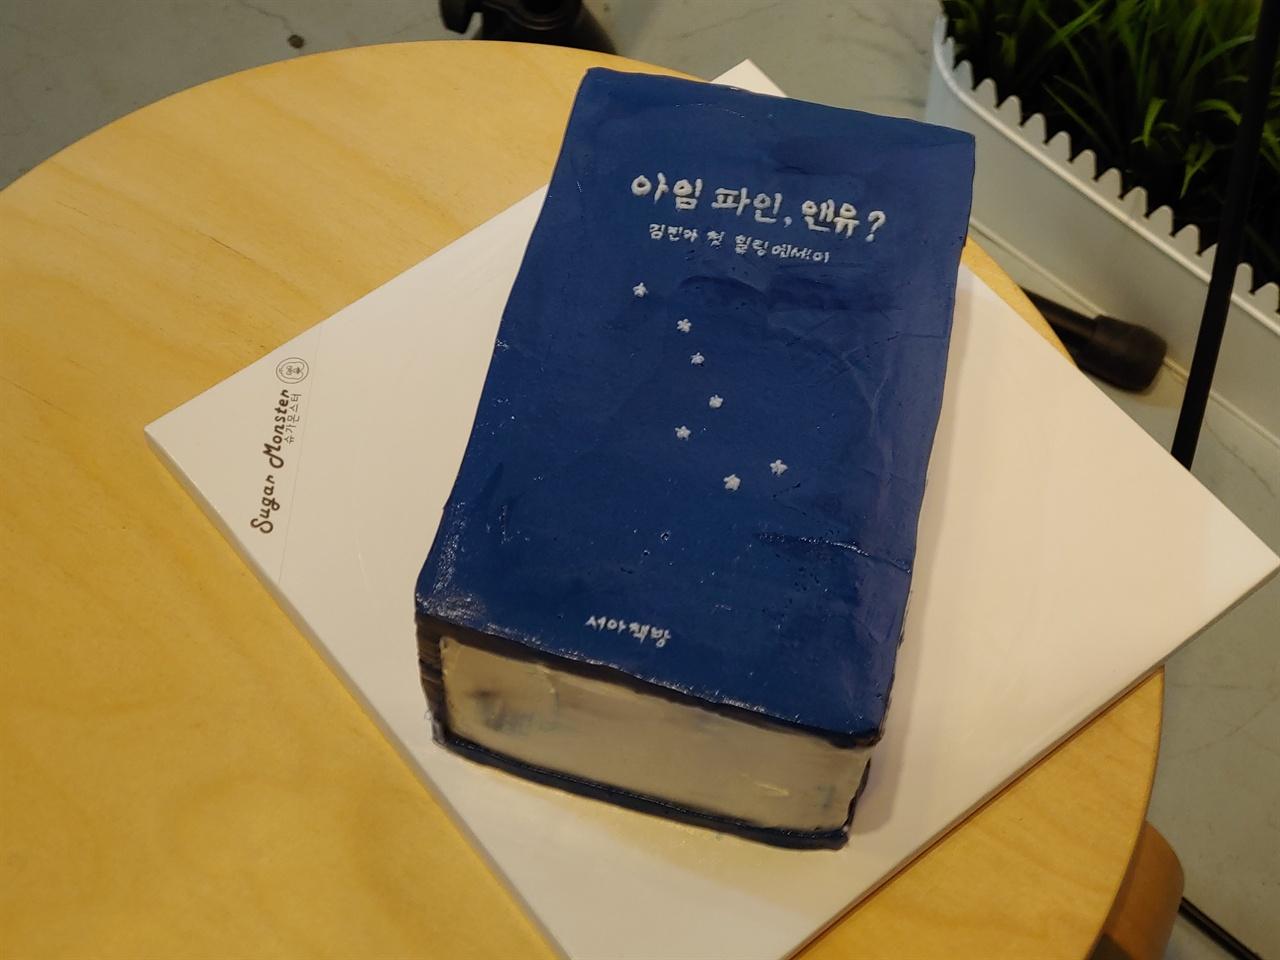 <아임 파인, 앤유>라는 책 제목 김 작가는 책 제목을 <아임 파인, 앤유>로 정한 이유에 대해 설명했다.